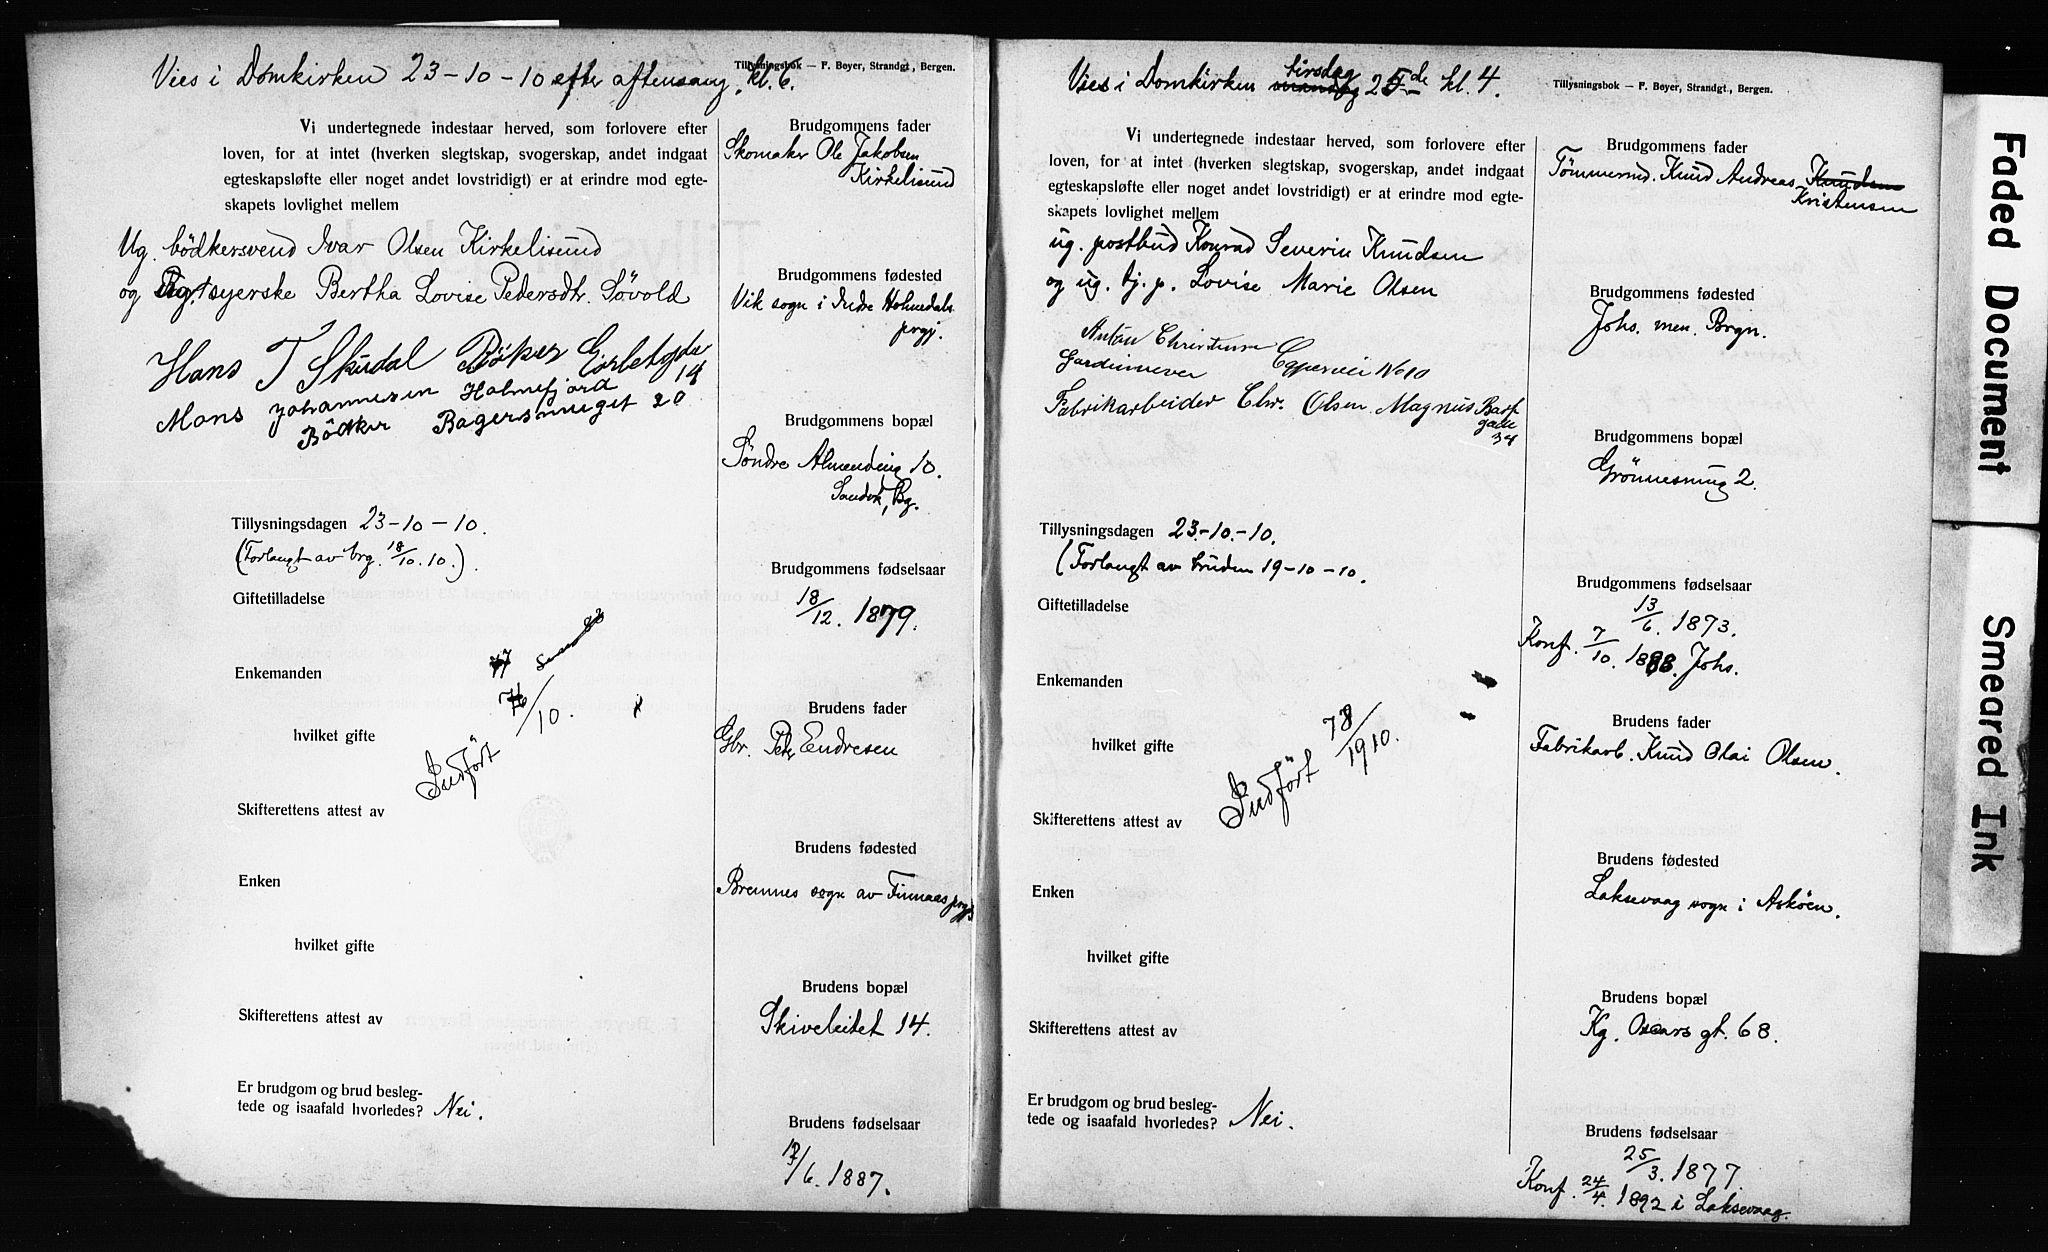 SAB, Domkirken Sokneprestembete, Best man's statements no. II.5.12, 1910-1917, p. 2